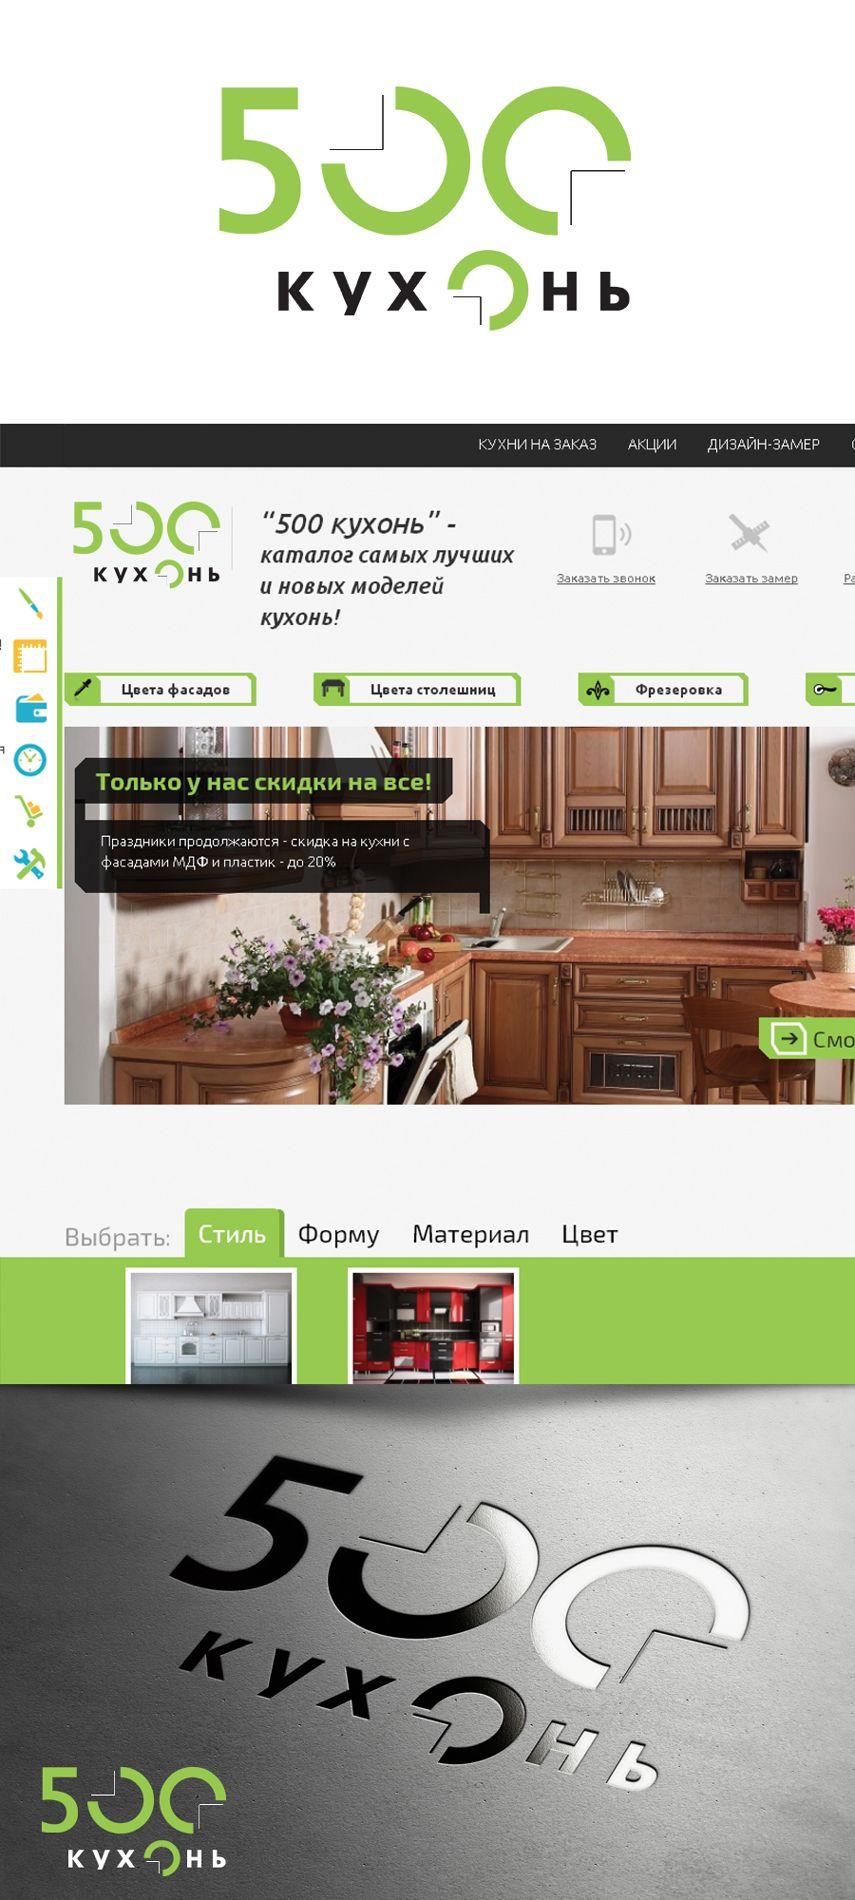 Логотип для интернет каталога кухонь - дизайнер Enrik